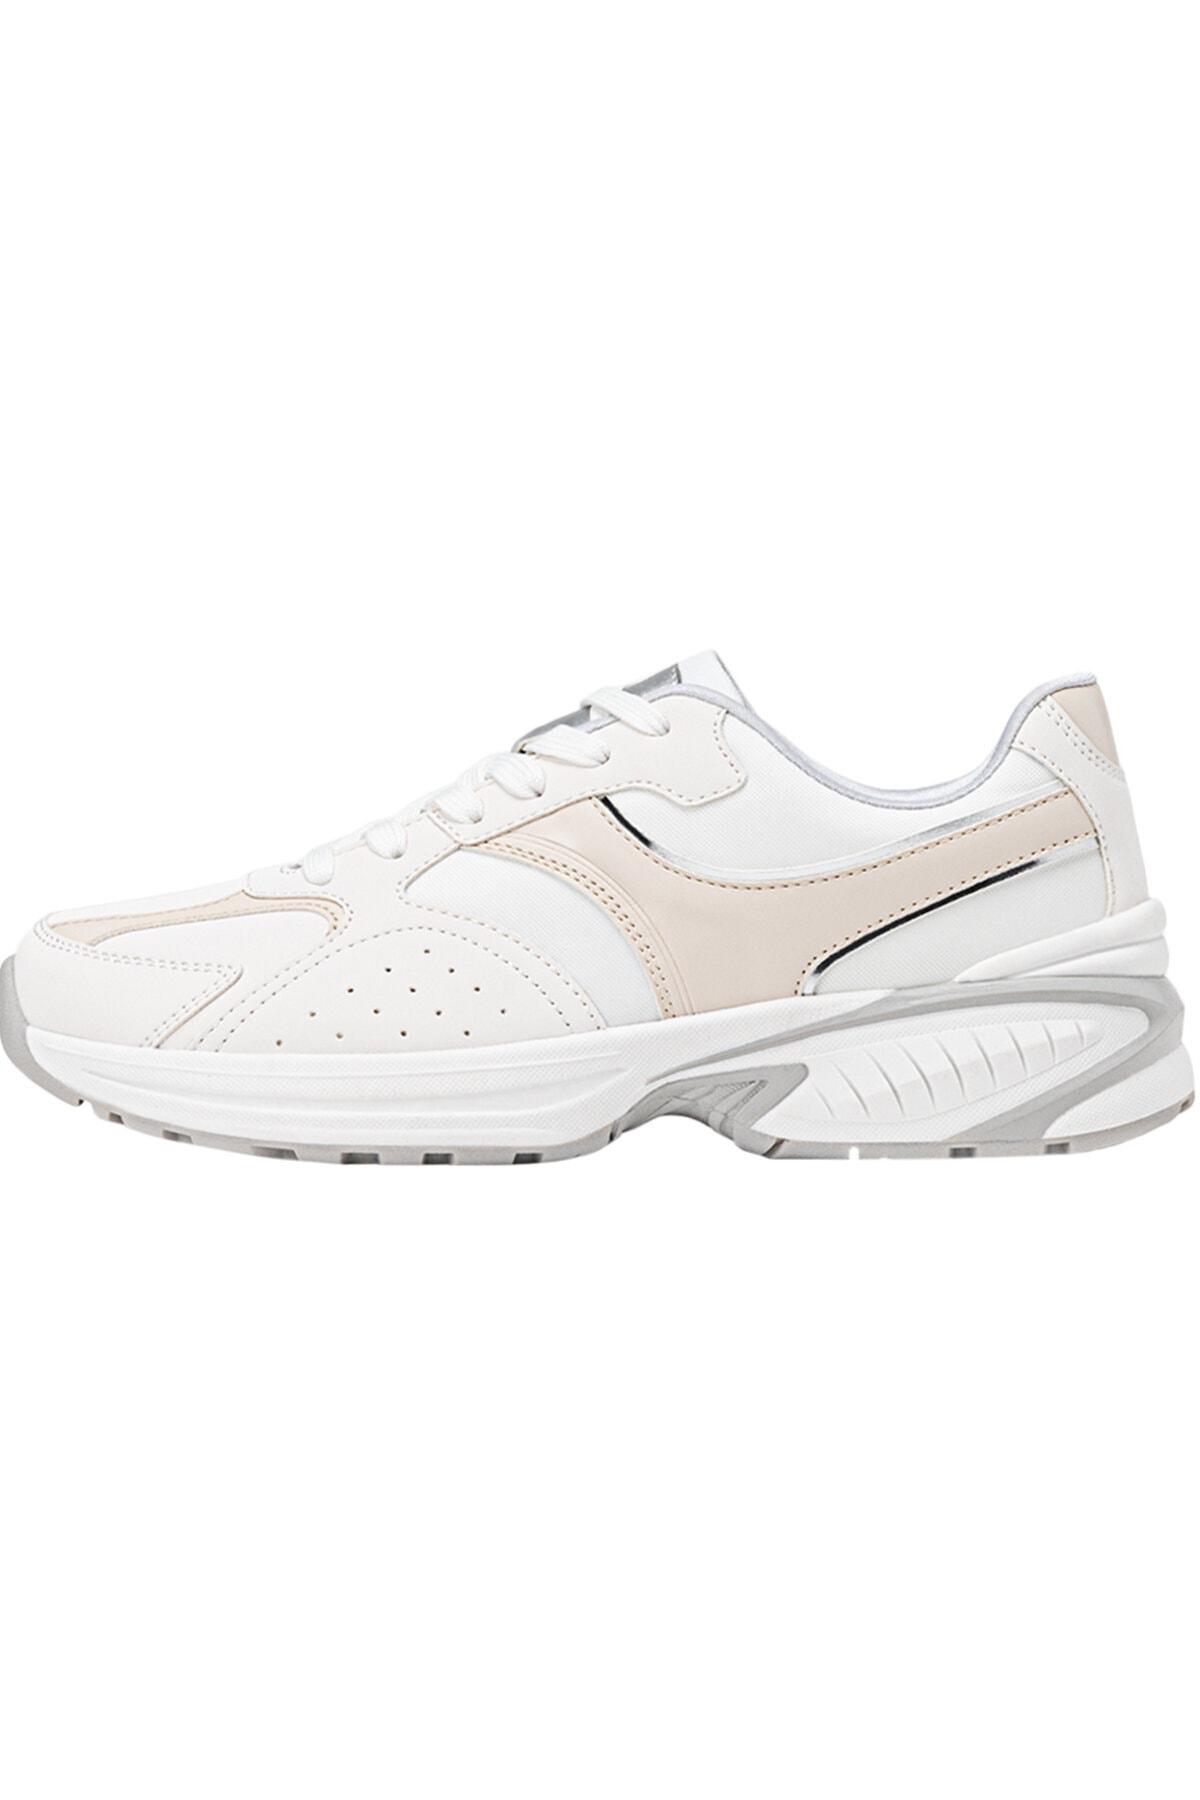 Stradivarius Kadın Beyaz Kontrast Spor Ayakkabı 19003770